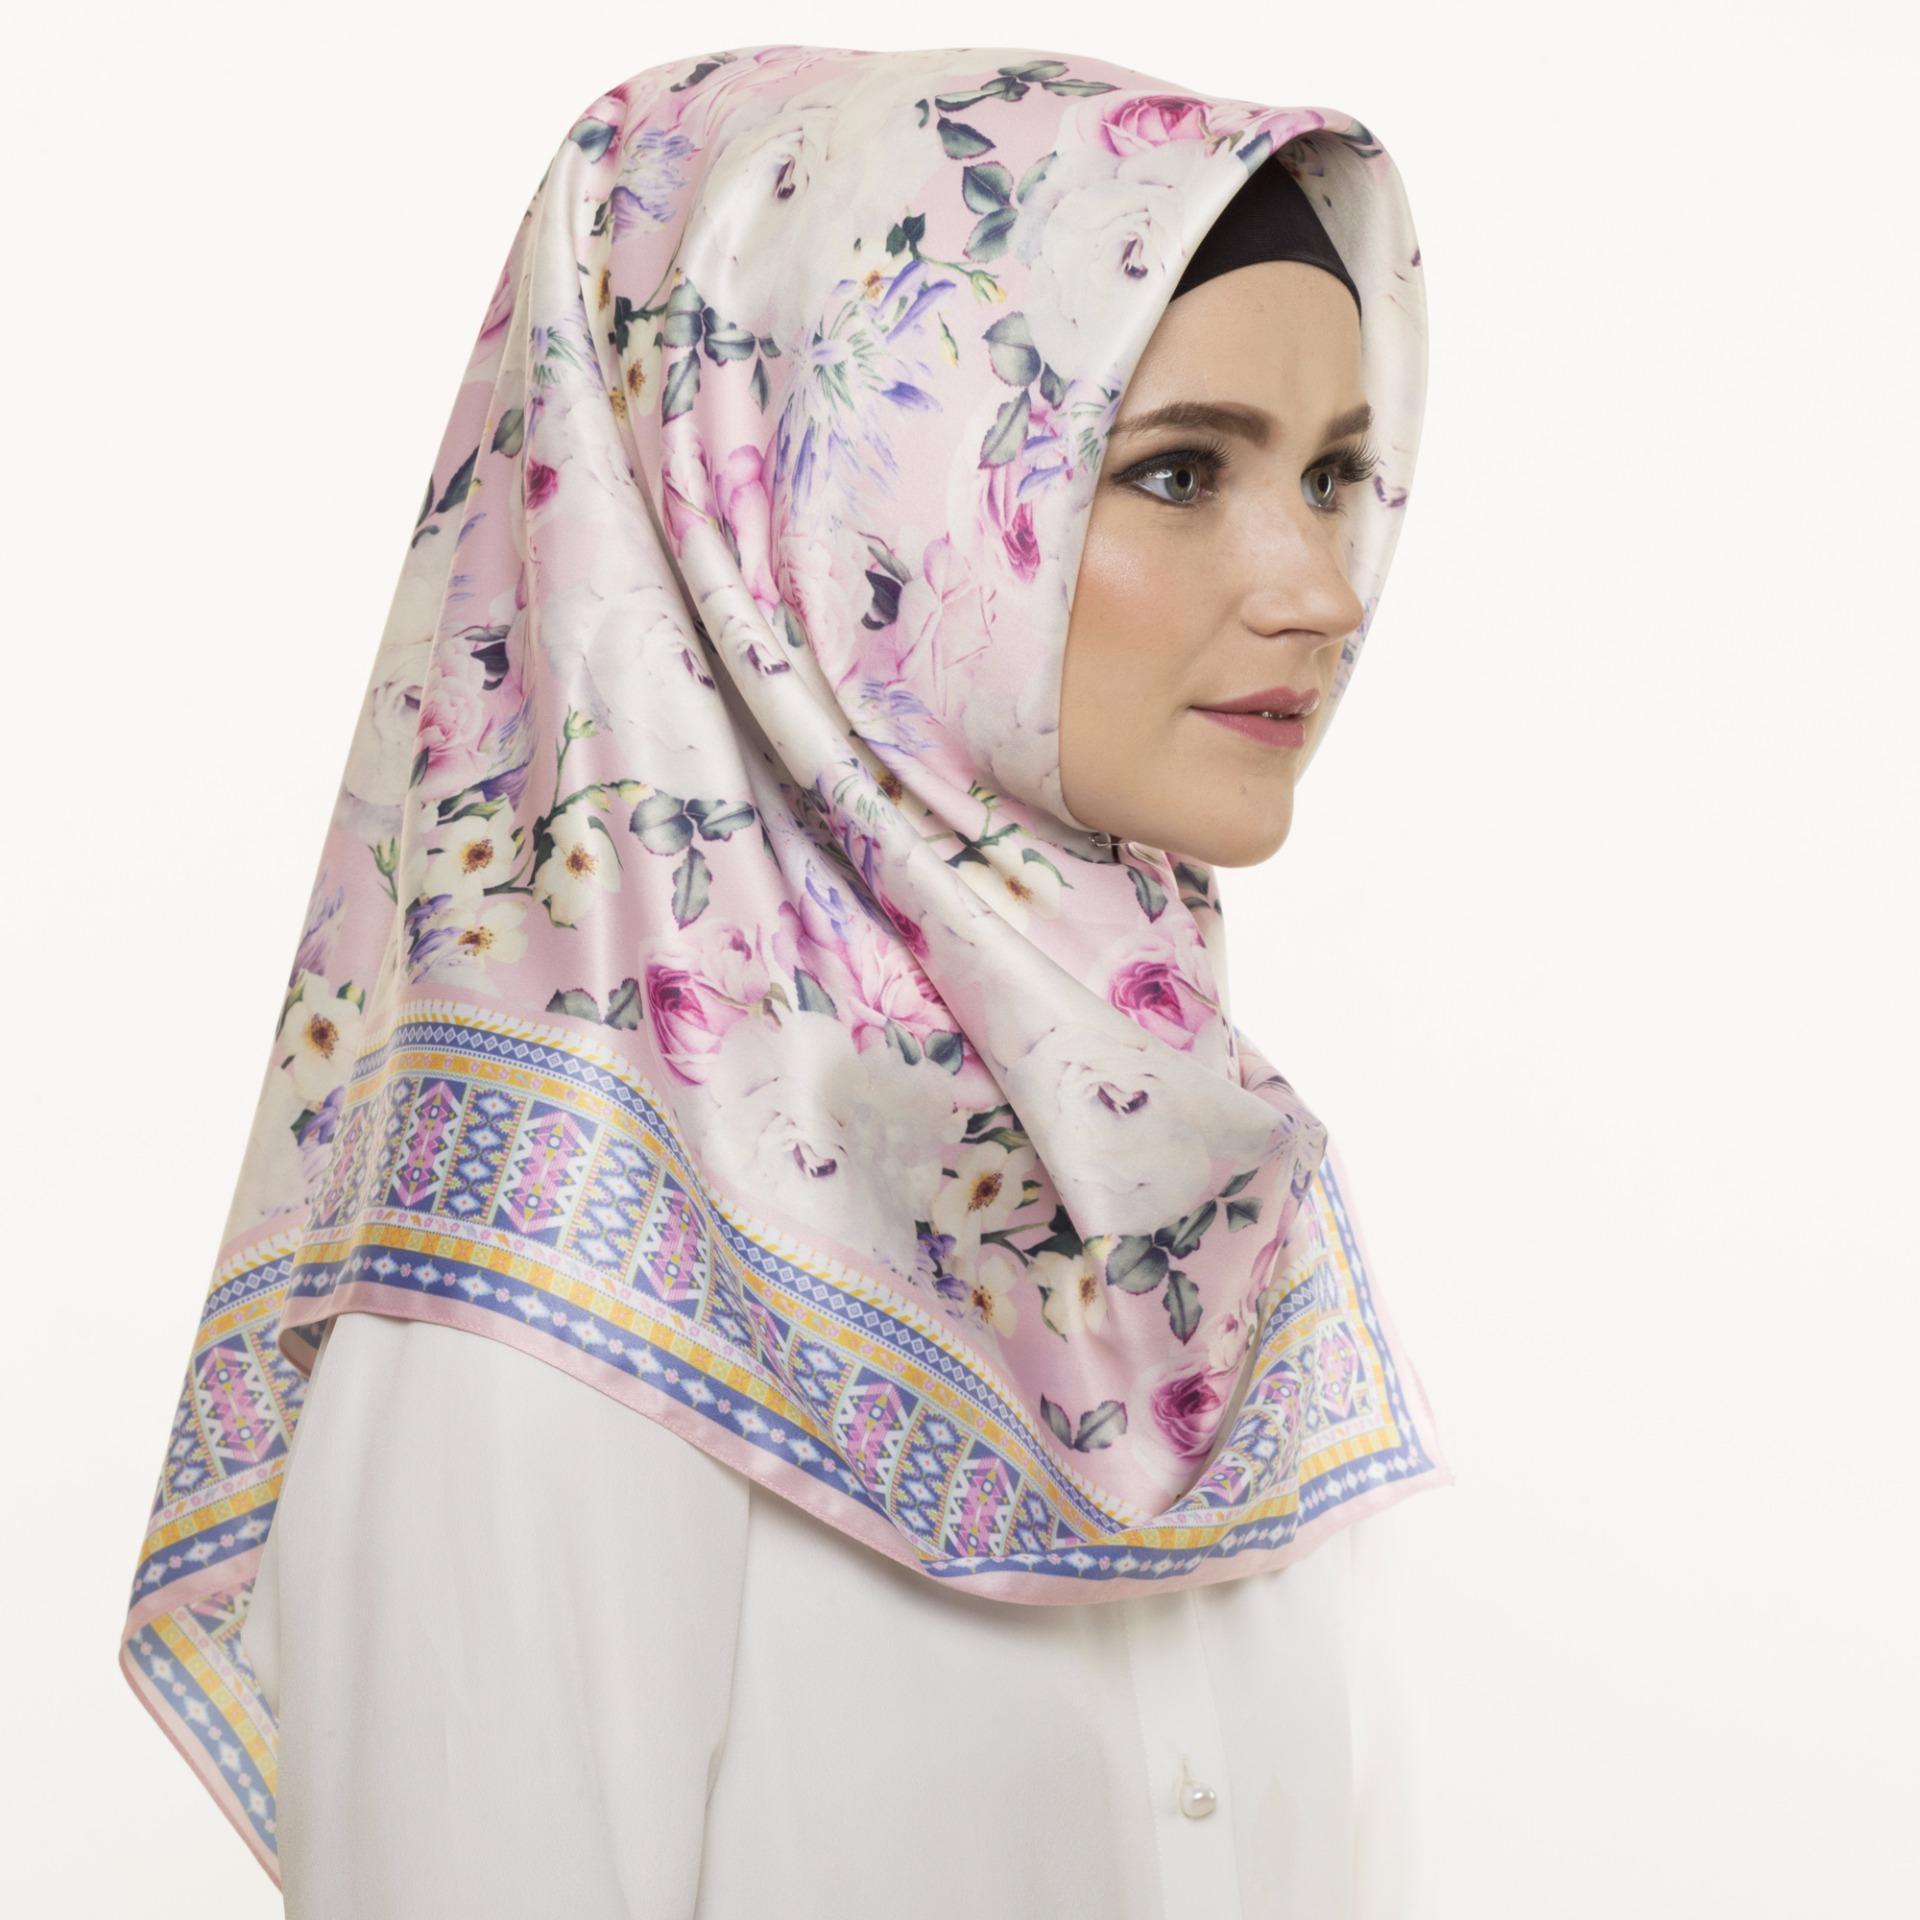 Spek Hijabstore Angel Lelga Original Scarf Al 233 Pink Off White Floral